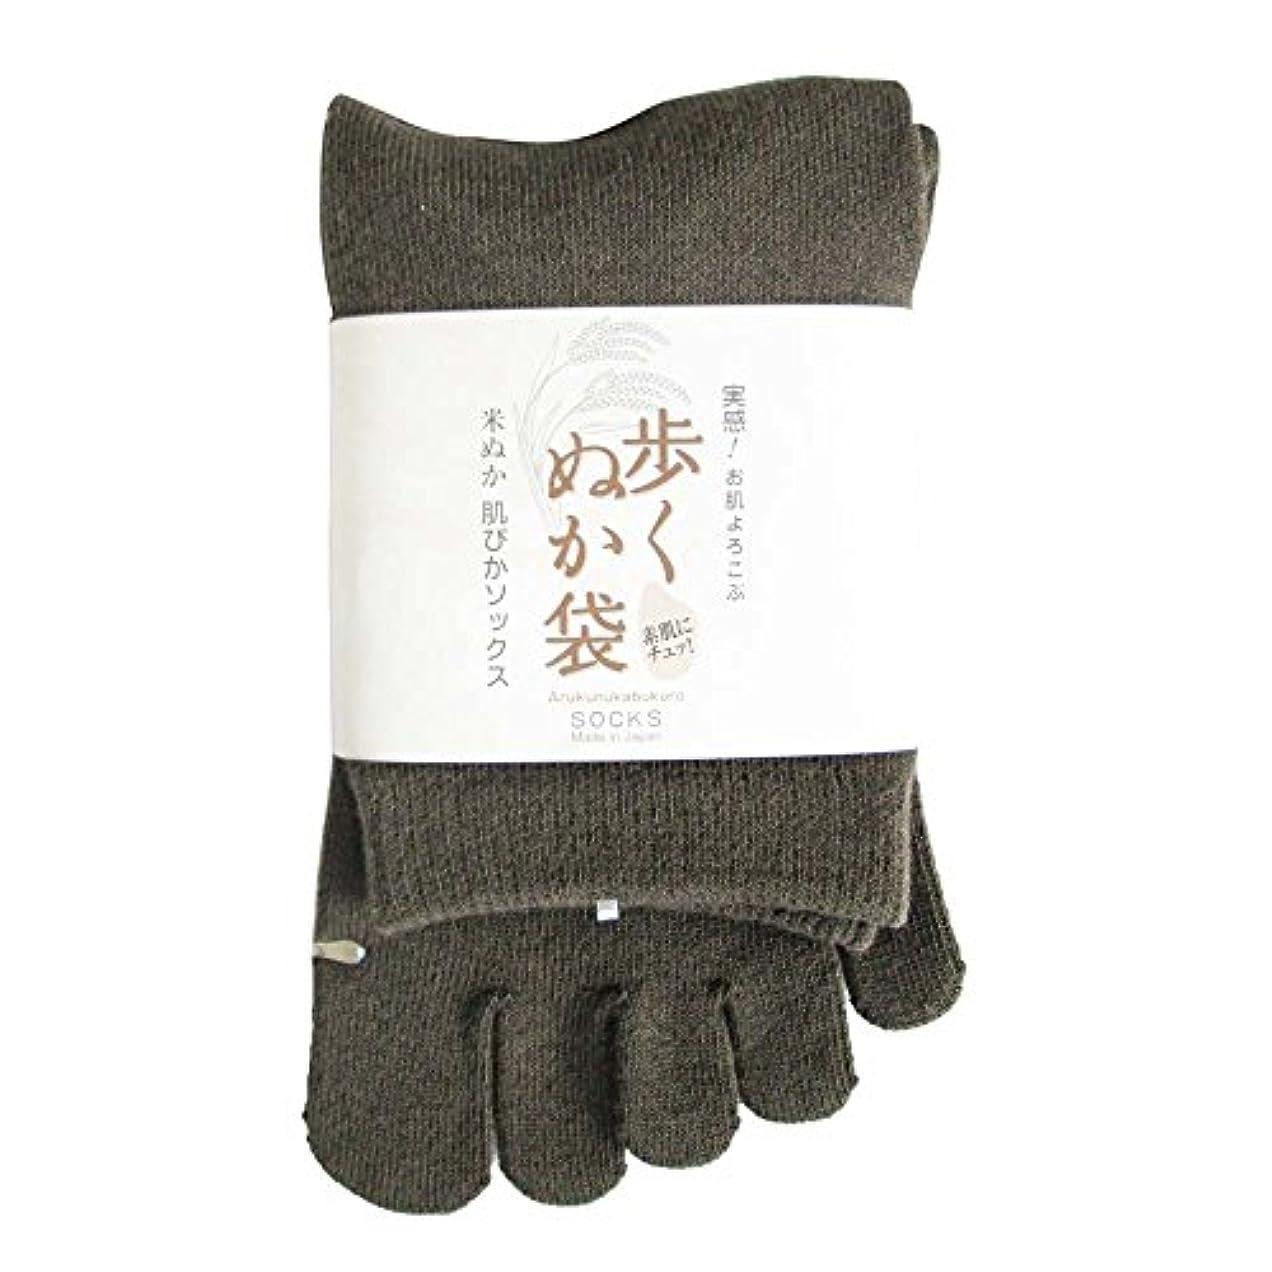 確認してください不格好除去歩くぬか袋 米ぬかシリコン五本指 23-25cm ブラウン